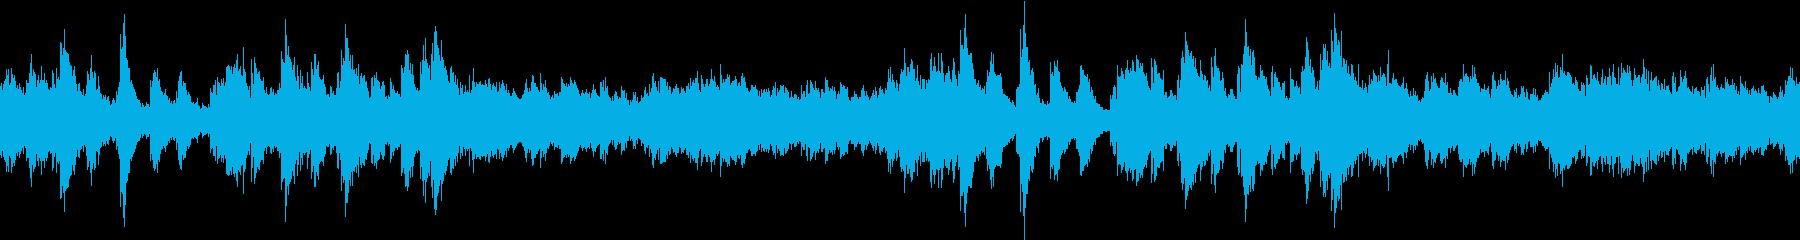 【ループ】幻想的な冬のアンビエントの再生済みの波形